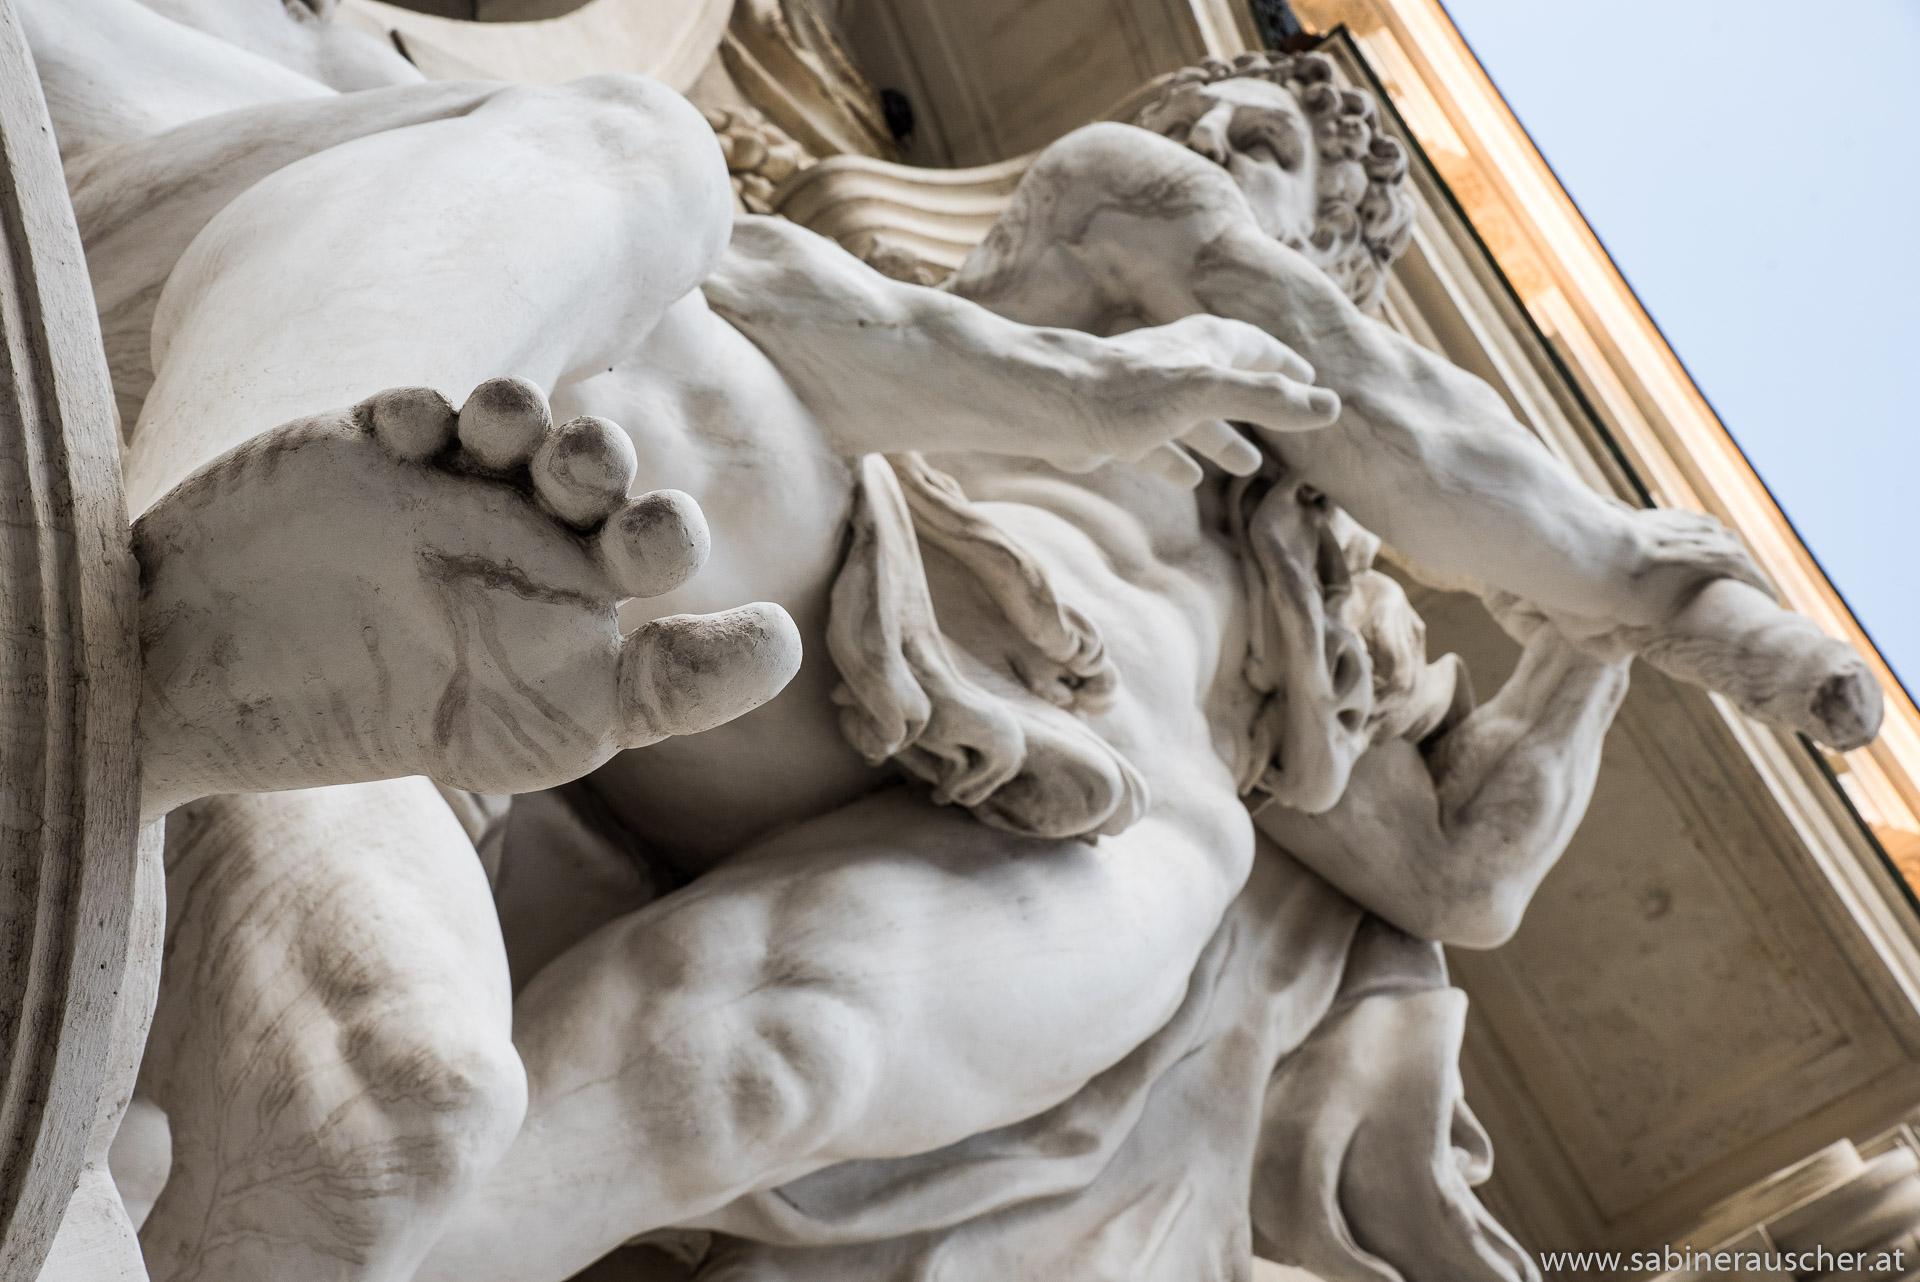 Detail of a Viennese Statue | Ausschnitt einer Statue in Wien